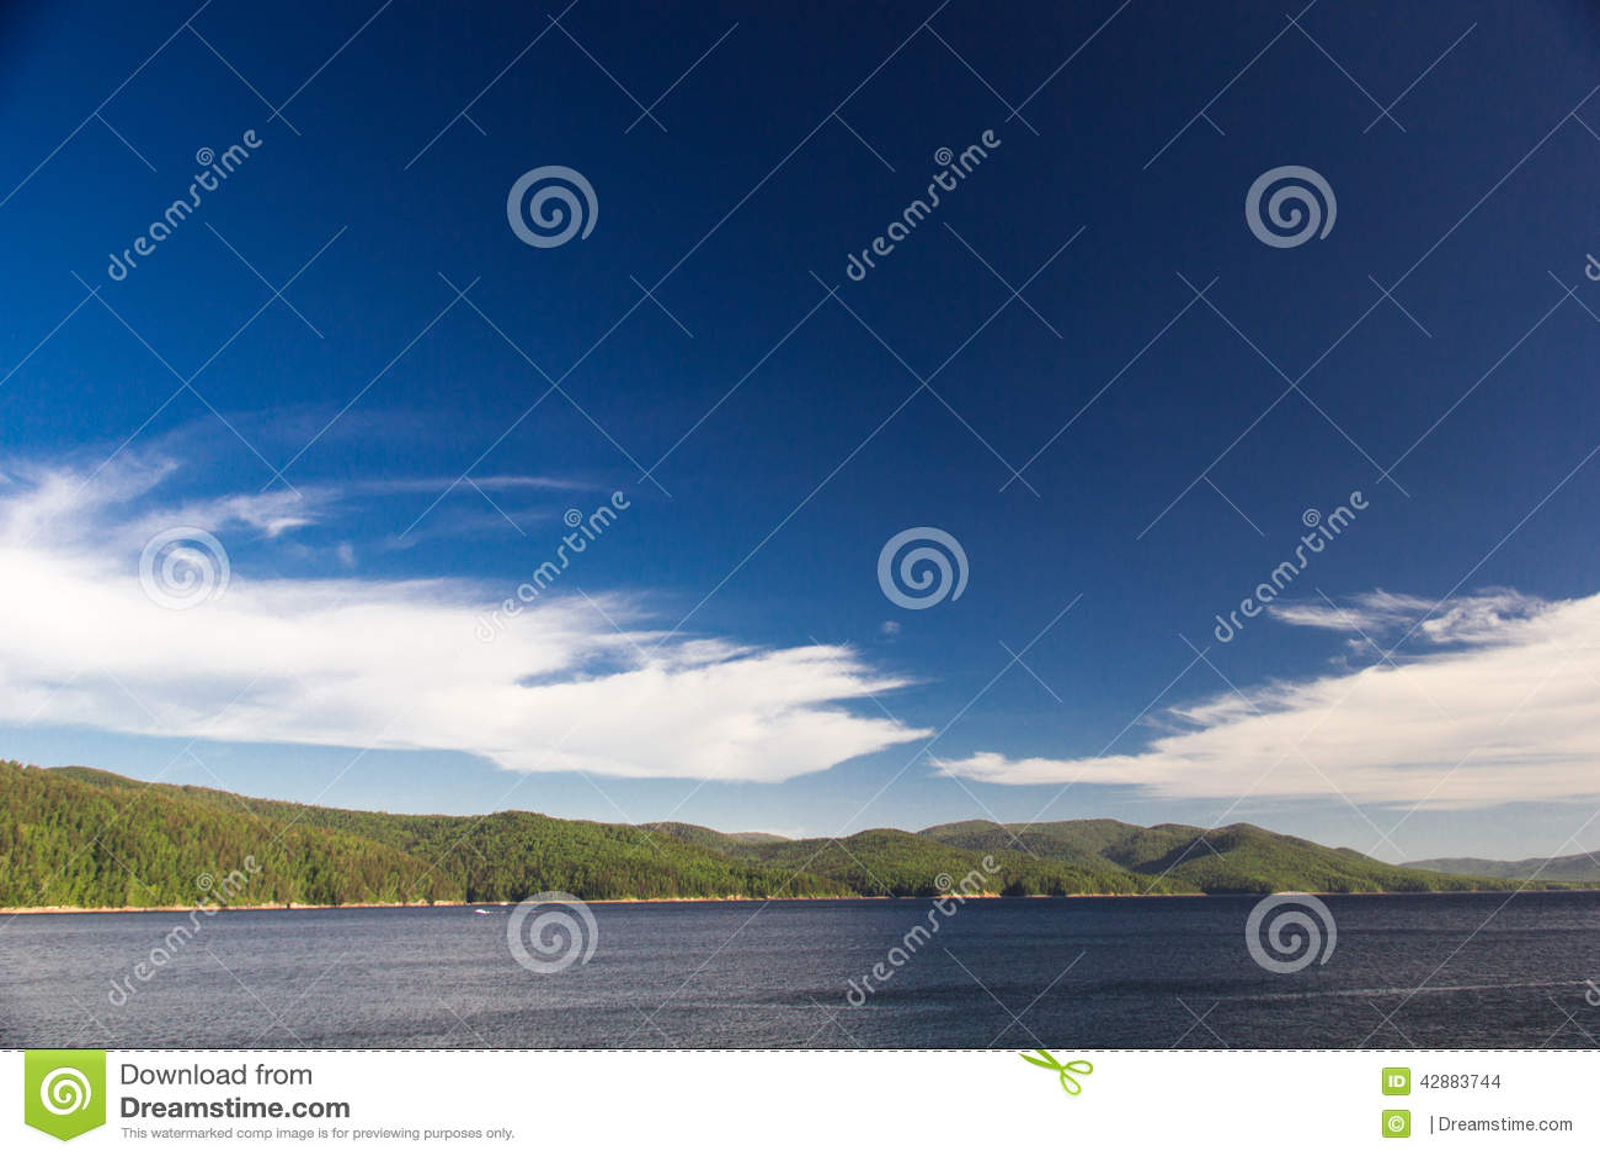 Himmel und Wald auf dem Enisey-Fluss